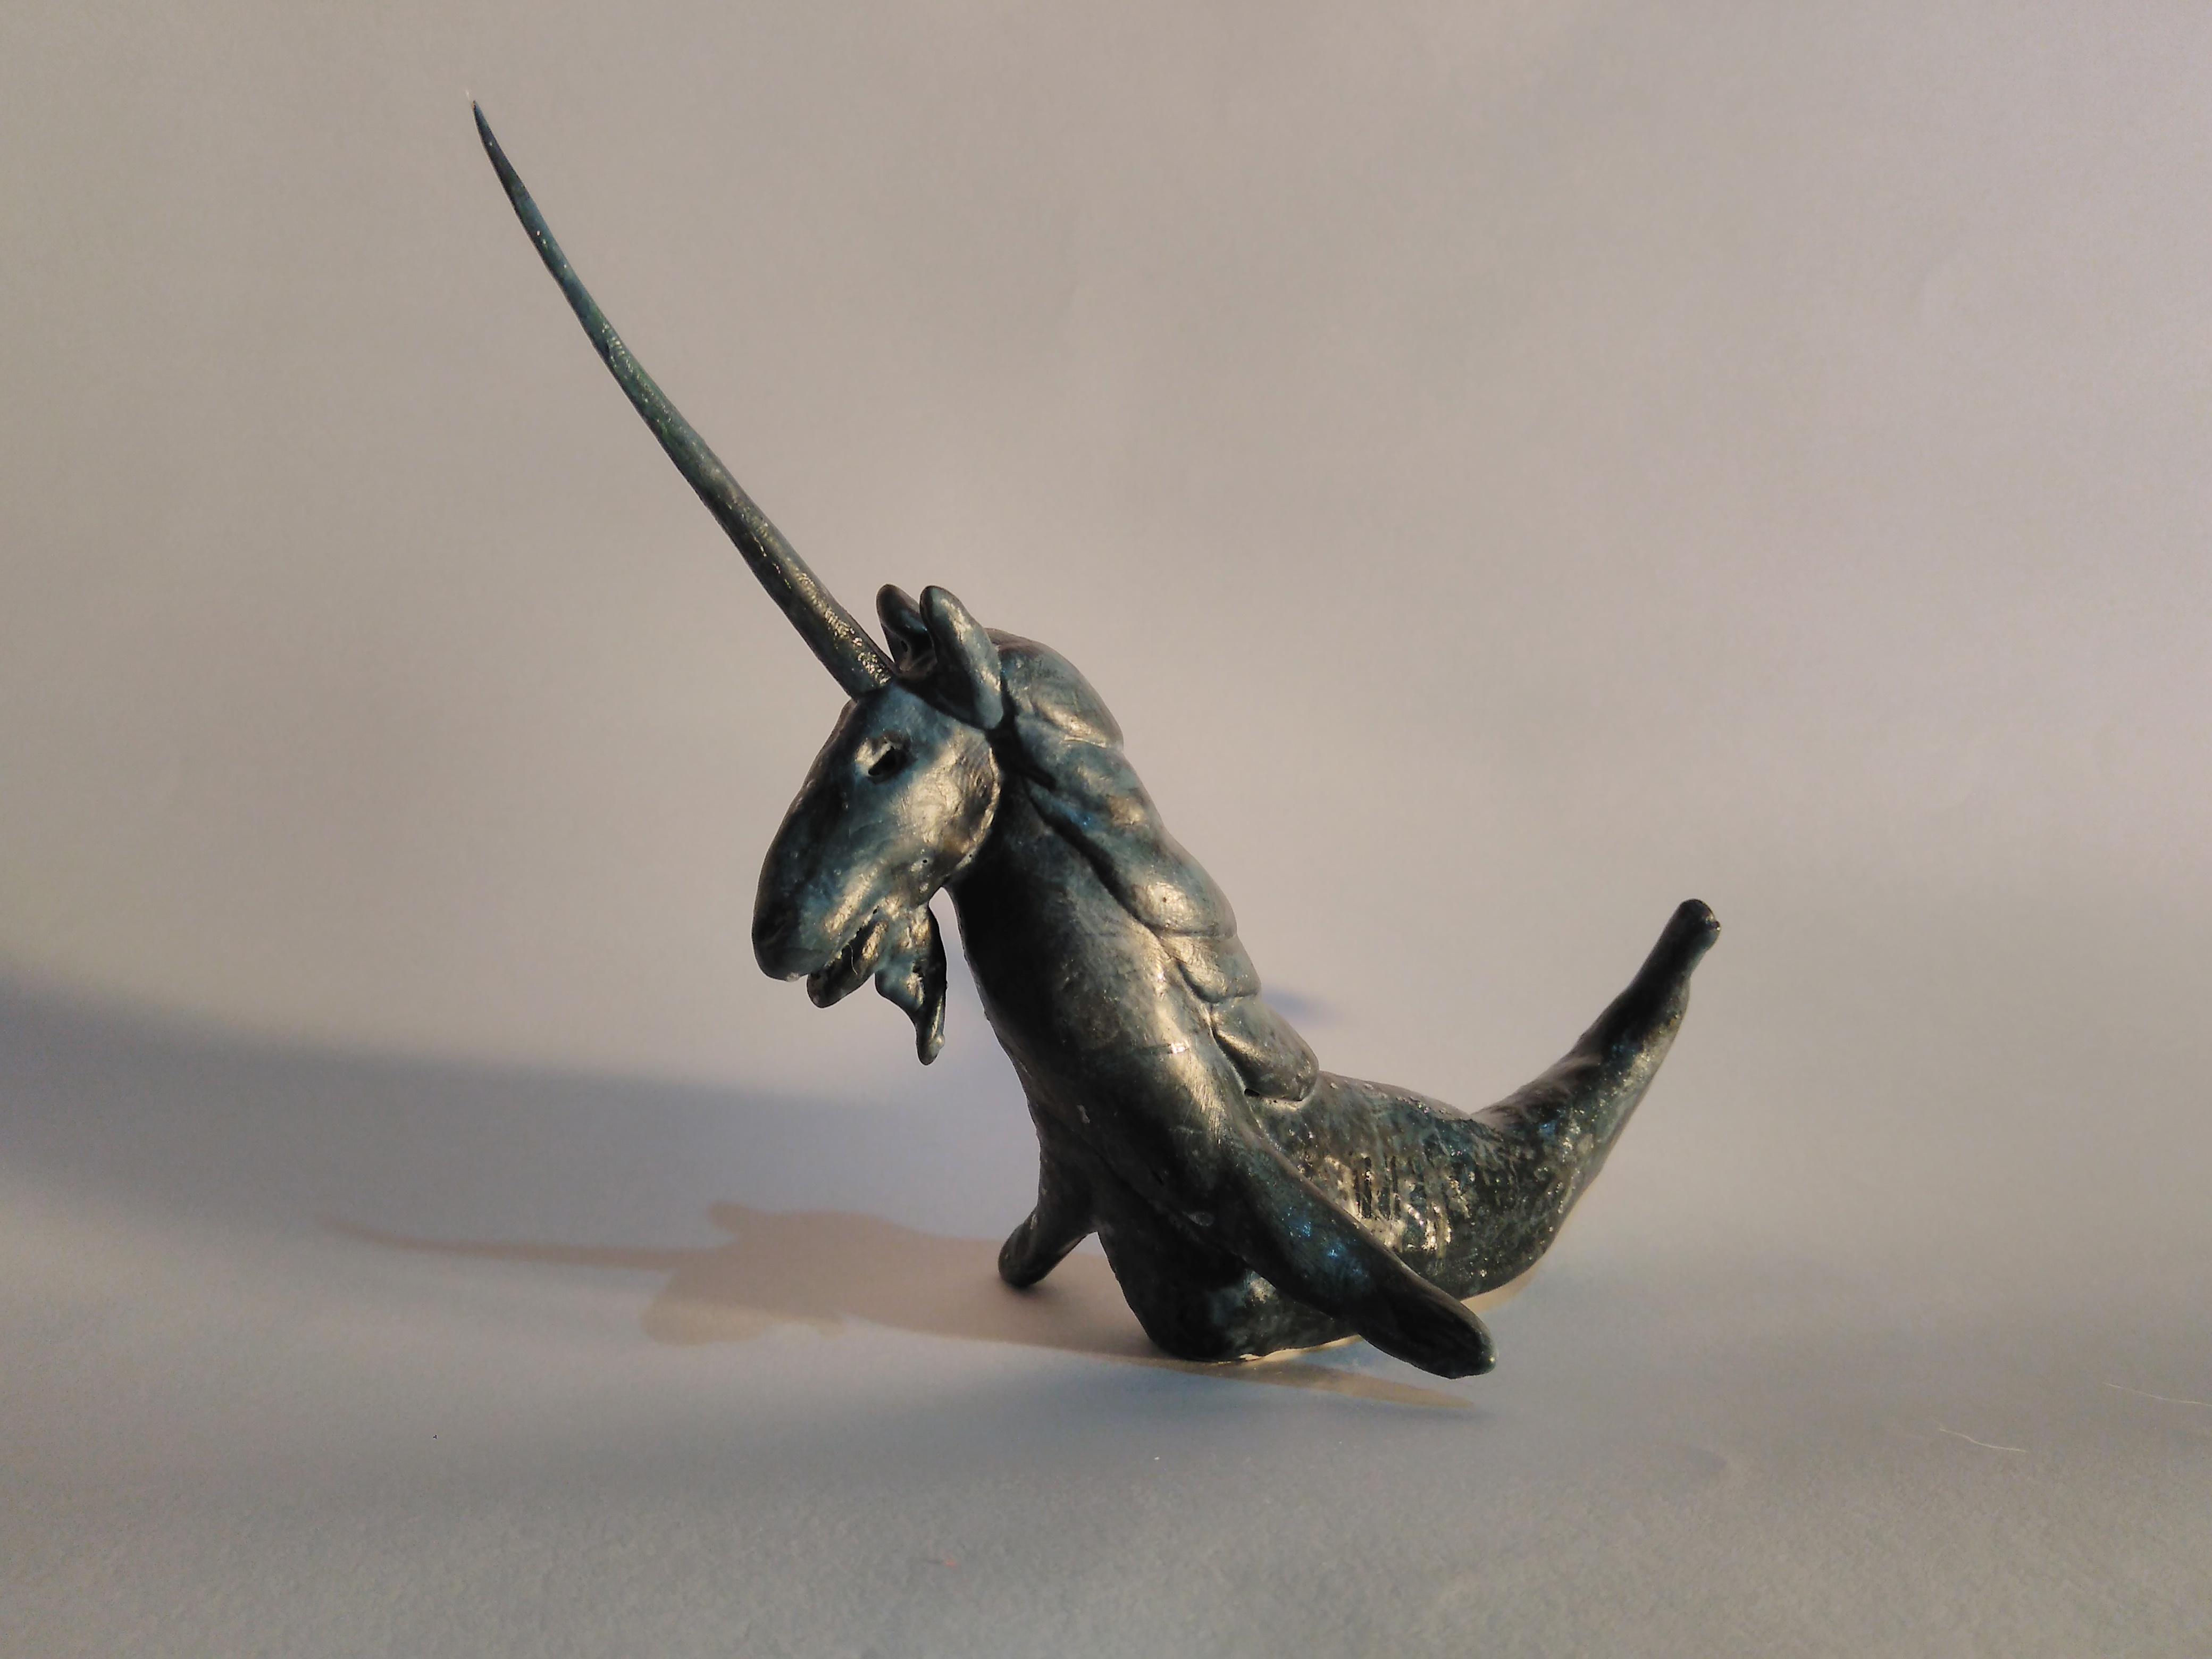 Personagem do Bosch feito em toyart: um cavalo preto com chifre e uma barbicha e com rabo de peixe v